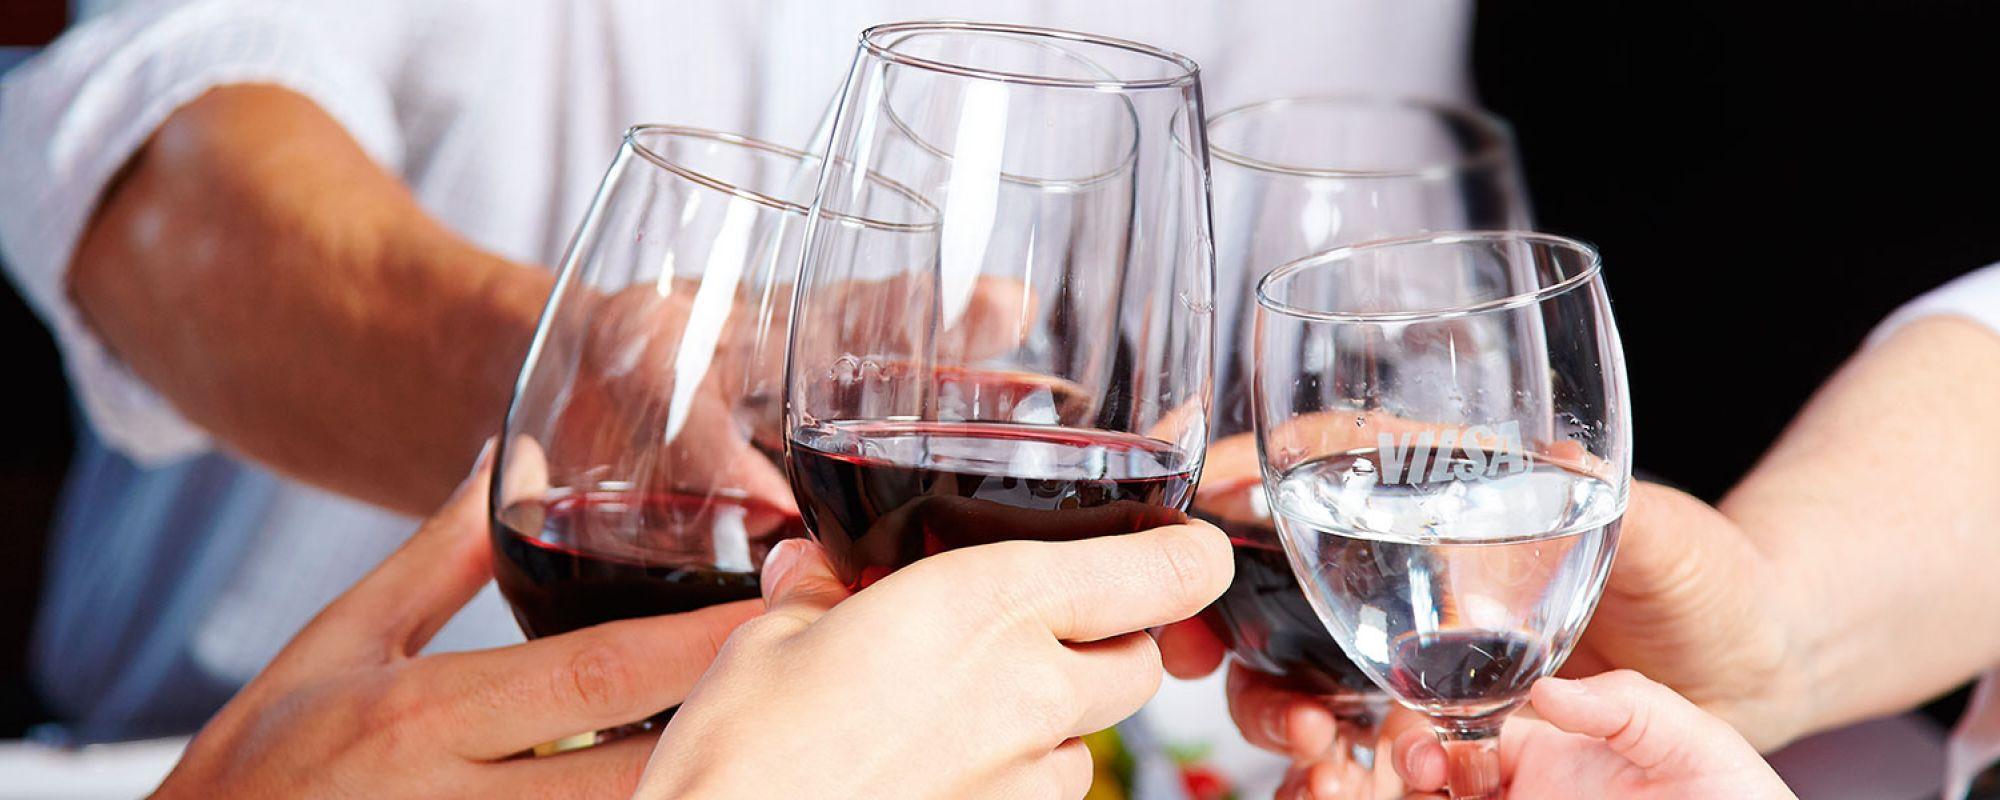 Mit VILSA Mineralwasser und Rotwein anstoßen